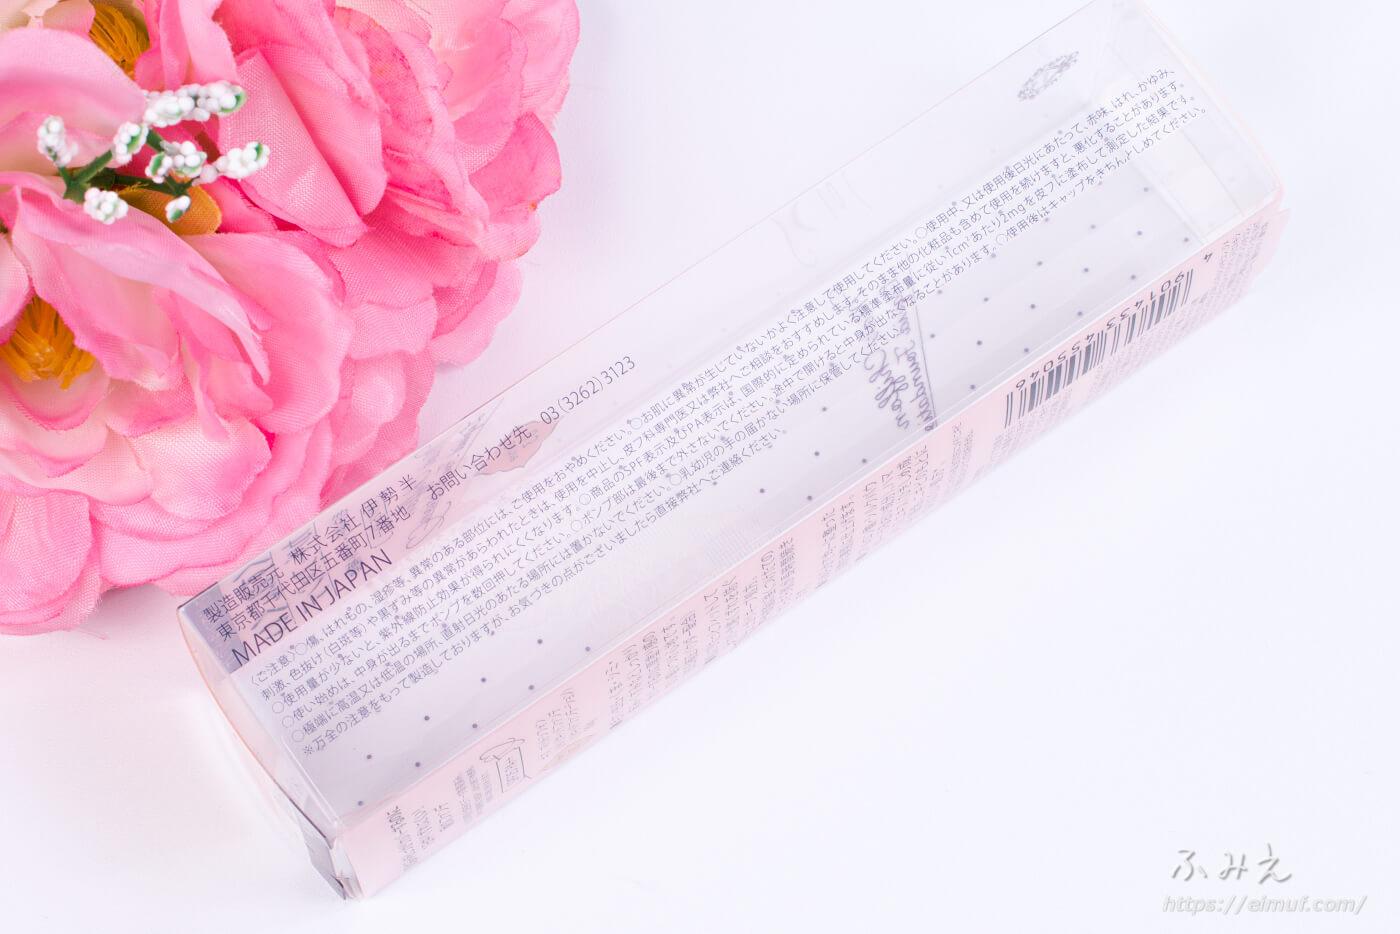 キス マットシフォン UVリキッドファンデ #03(オークル) パッケージ側面